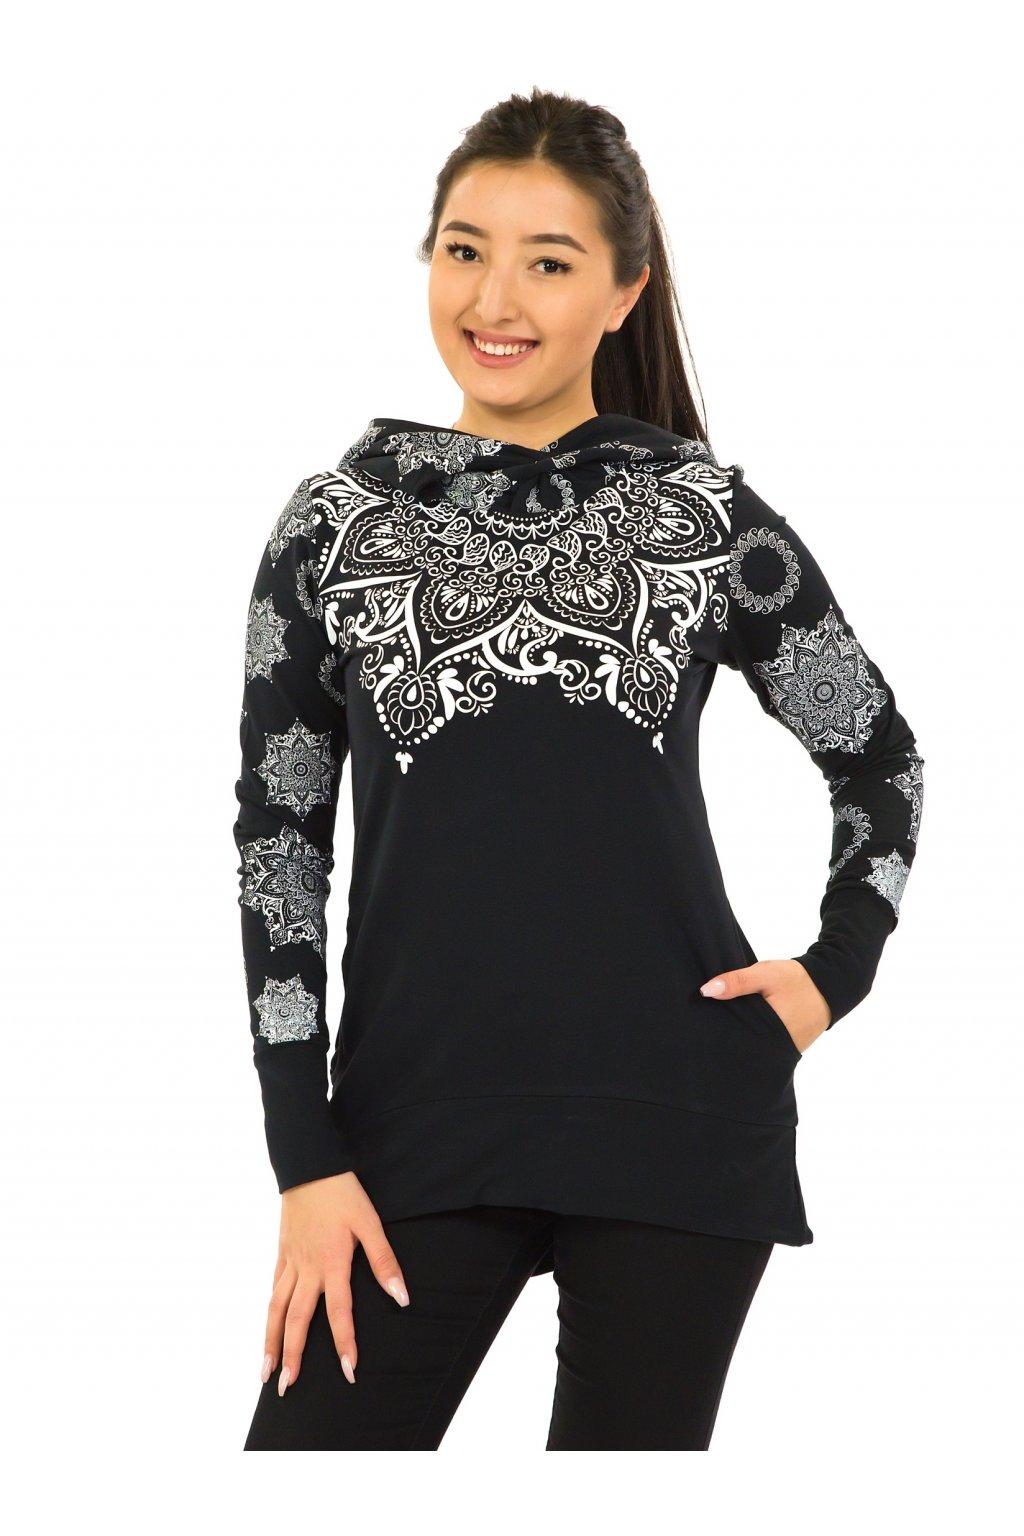 Mikina Moana s maxi kapucí - černá s bílou